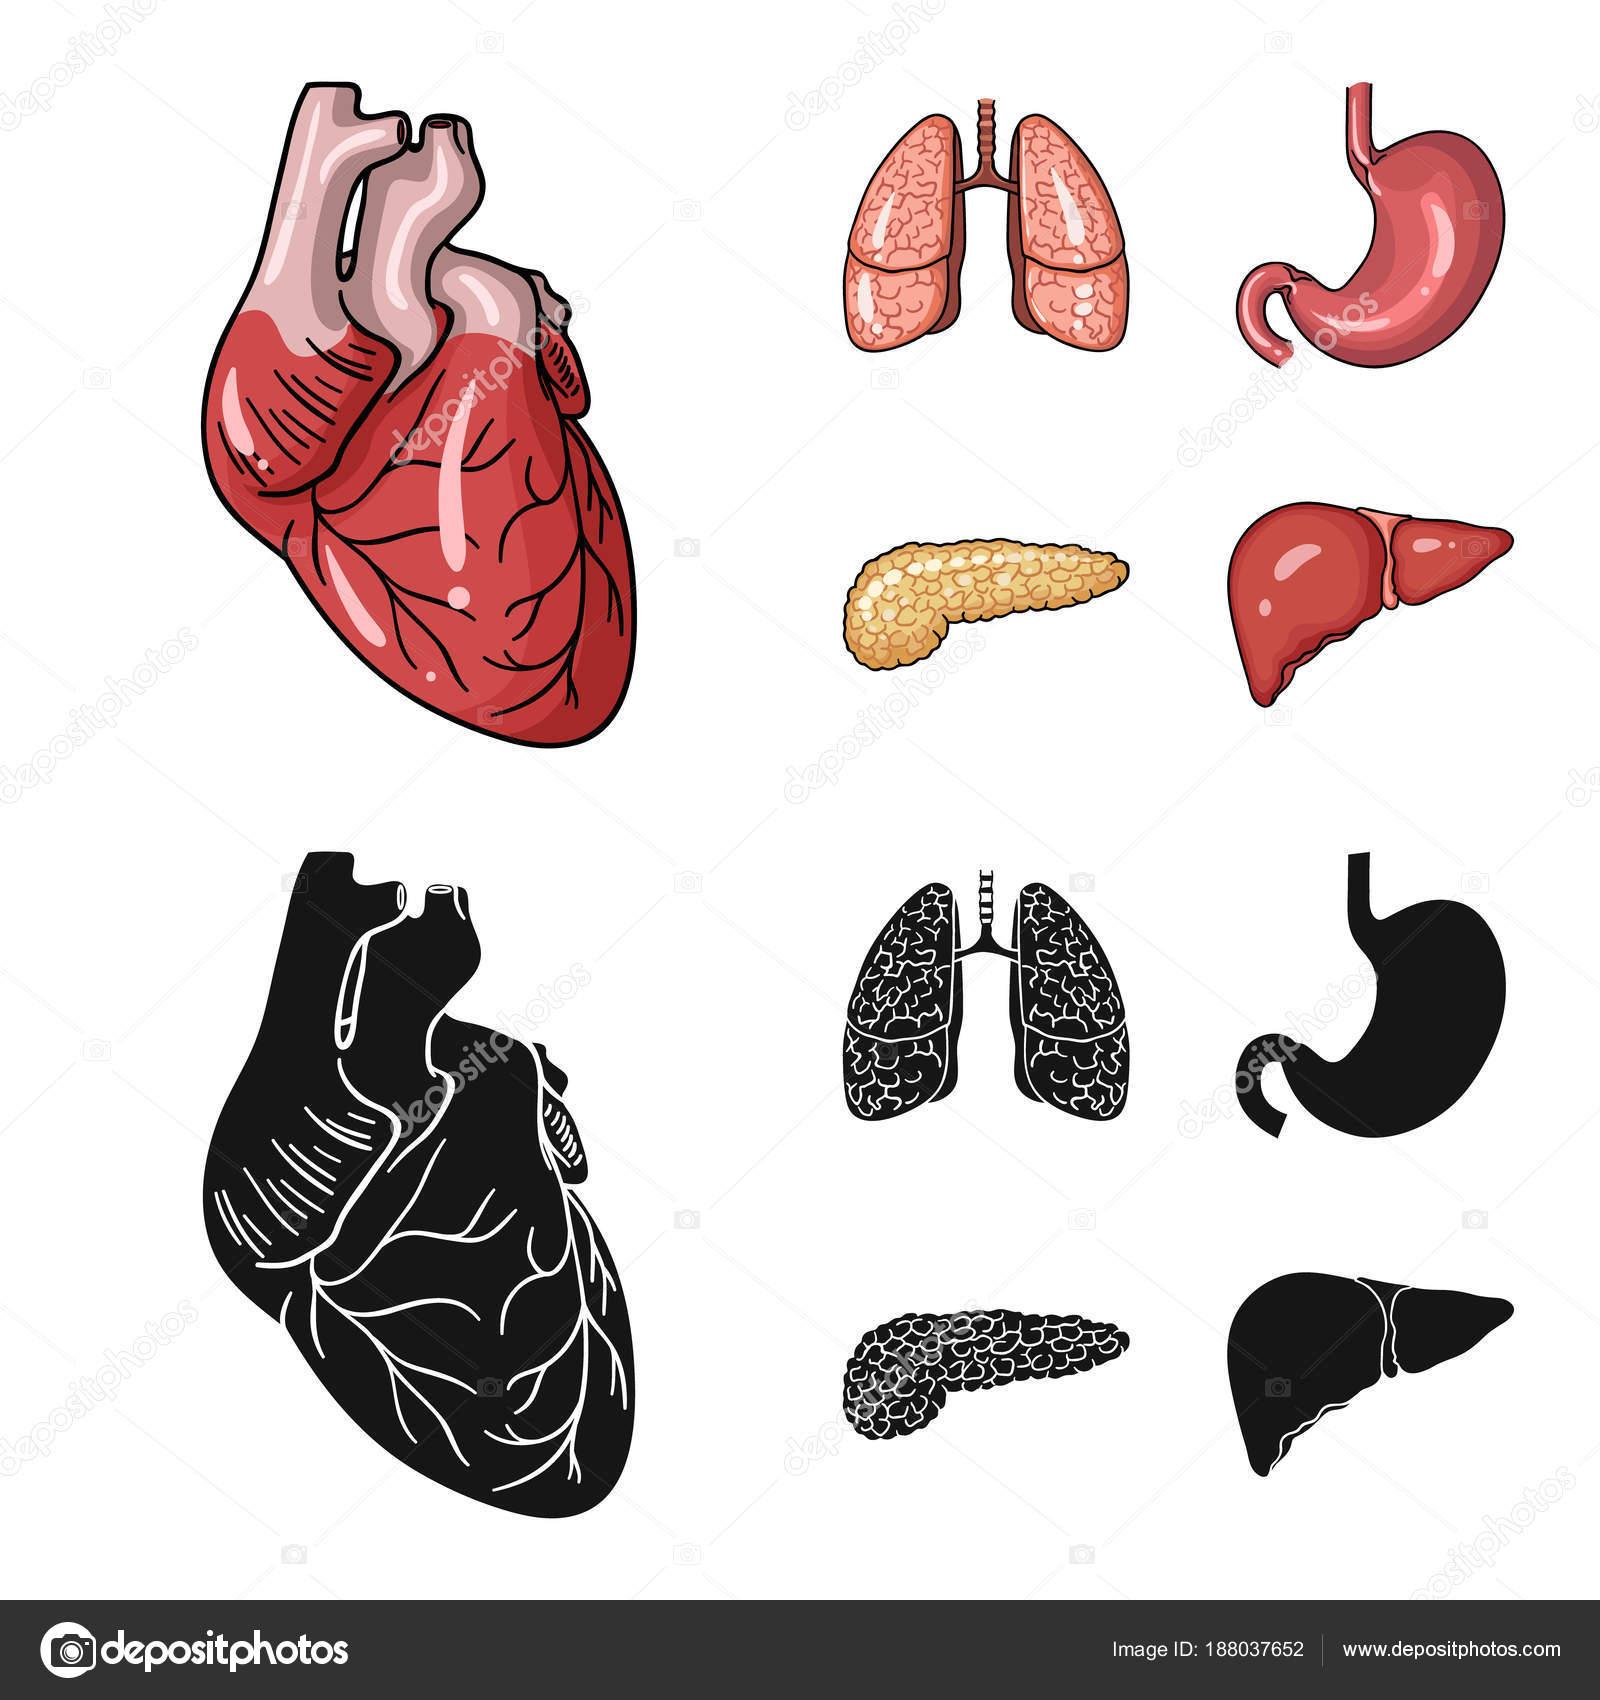 Herz, Lunge, Magen, Bauchspeicheldrüse. Menschliche Organe stellen ...